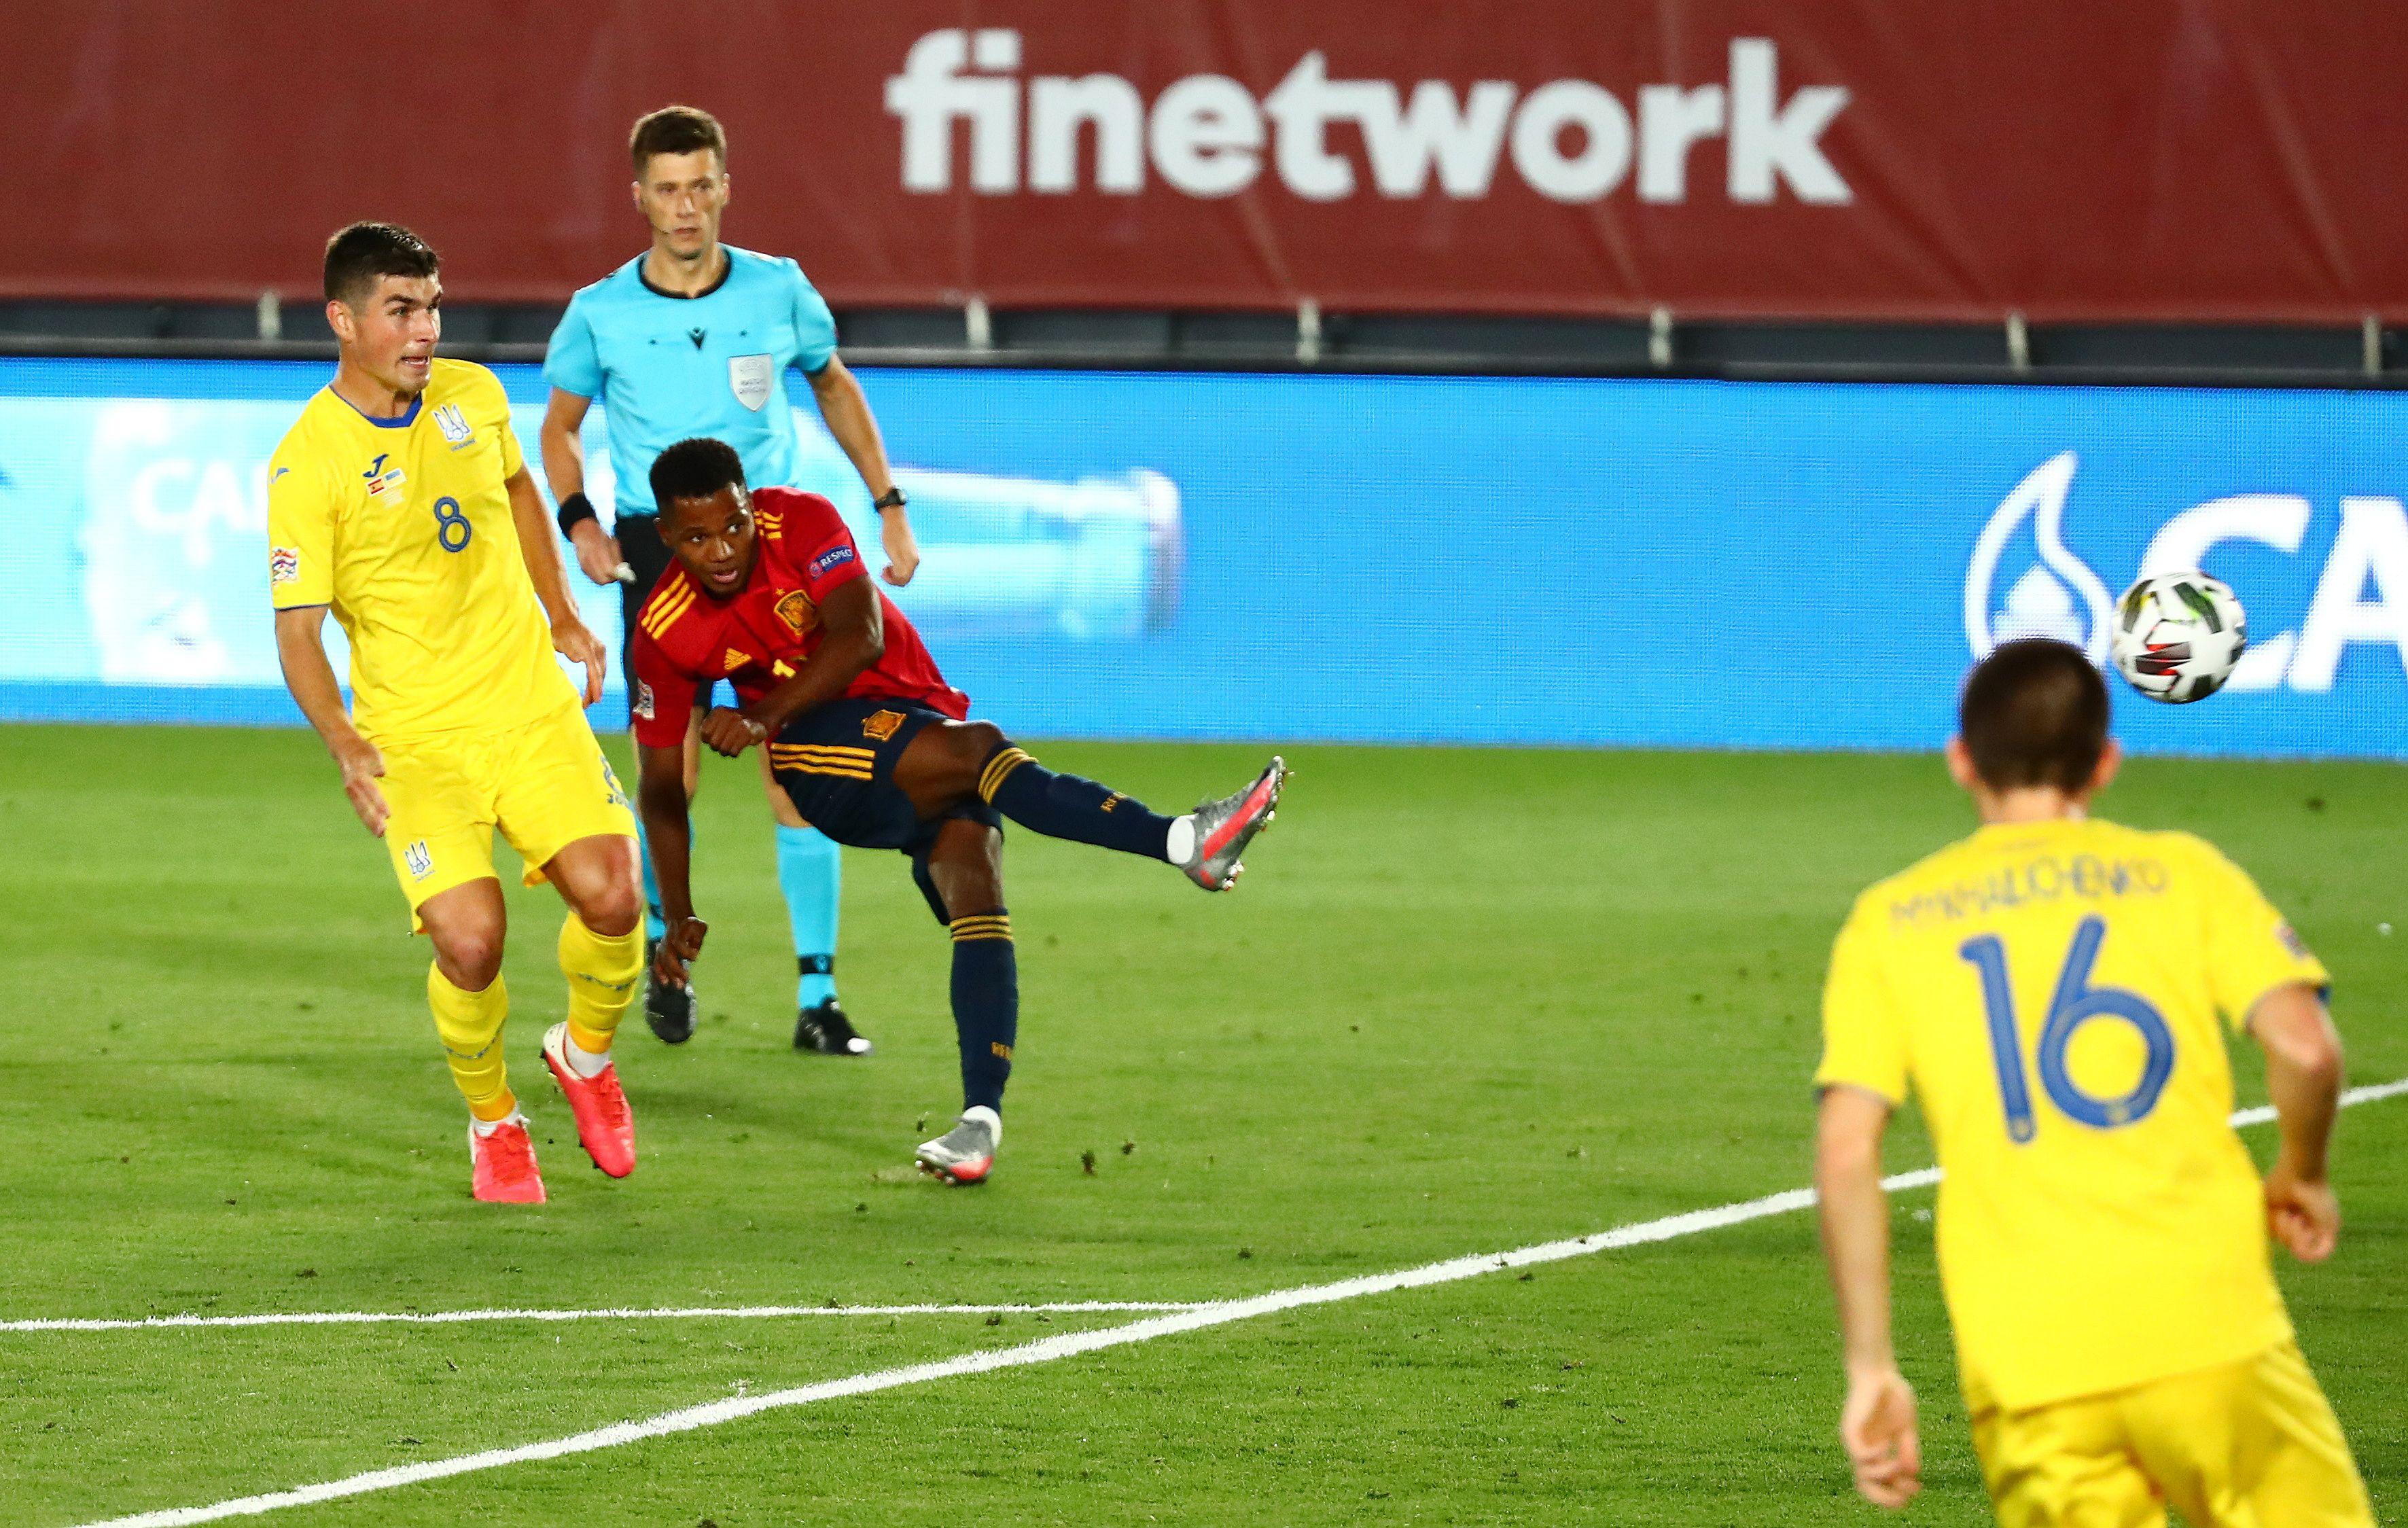 El partido entre España y Ucrania tuvo también otro récord, cuando Ansu Fati, delantero del Barcelona, marcó el 3-0 y con apenas 17 años se transformó en el goleador más joven de la historia de La Roja (Reuters)